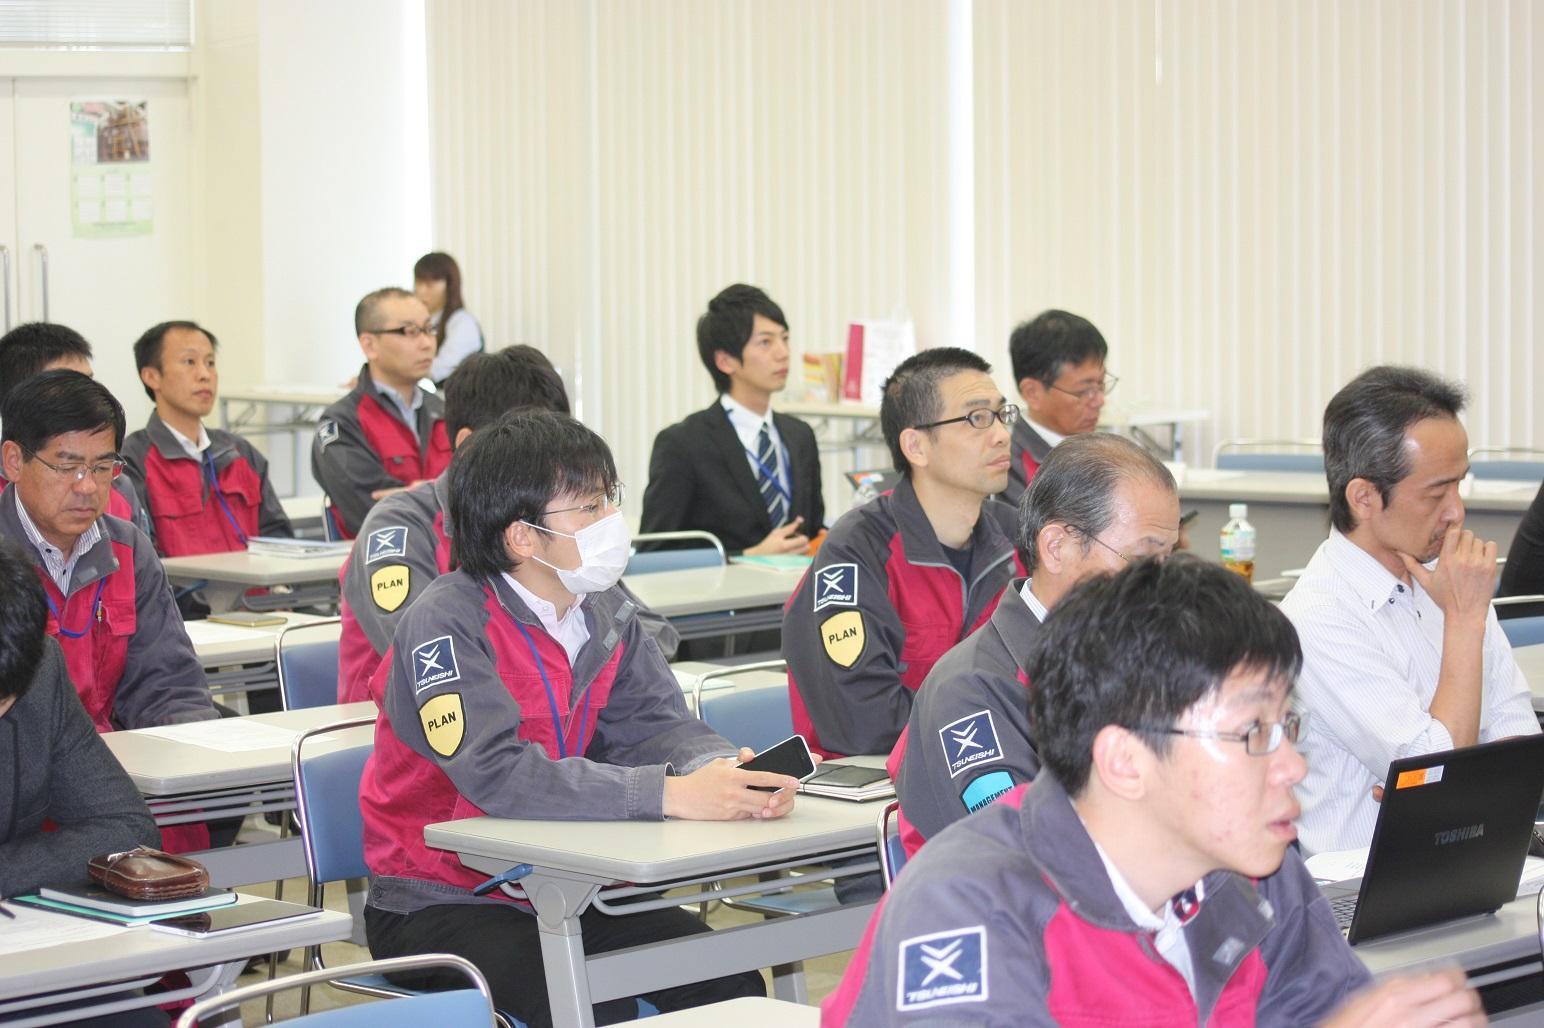 常石造船が広島大学との共同研究成果発表会を開催 ~機関室の騒音低減など船員の労働環境の向上もテーマに